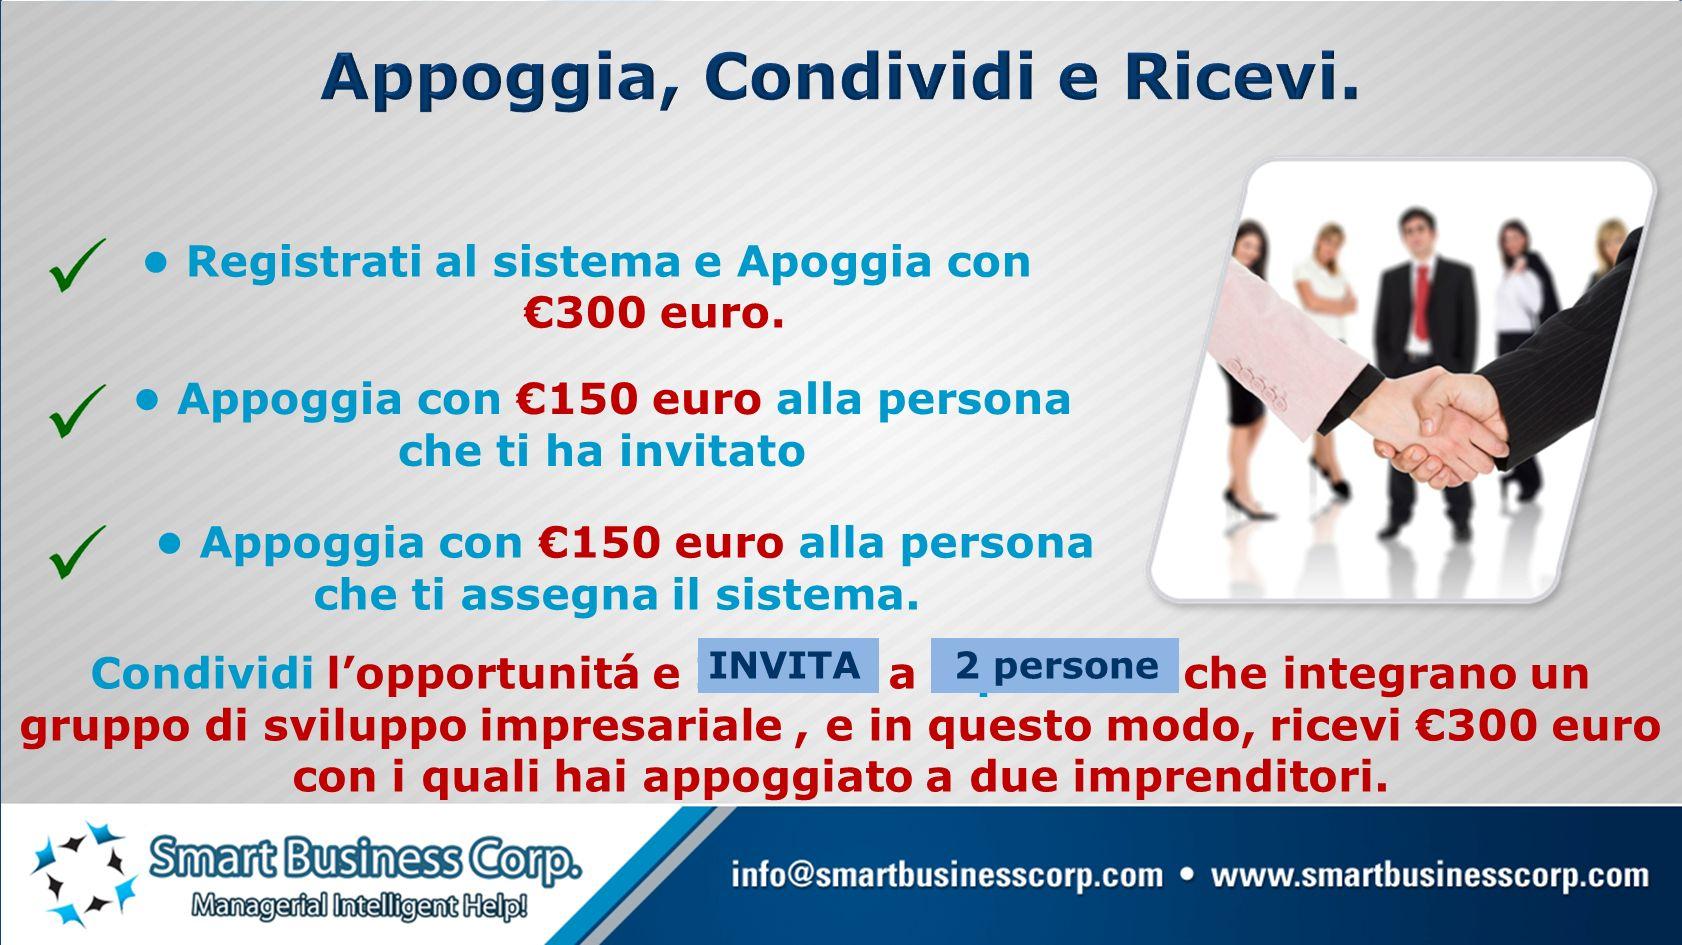 Registrati al sistema e Apoggia con 300 euro.